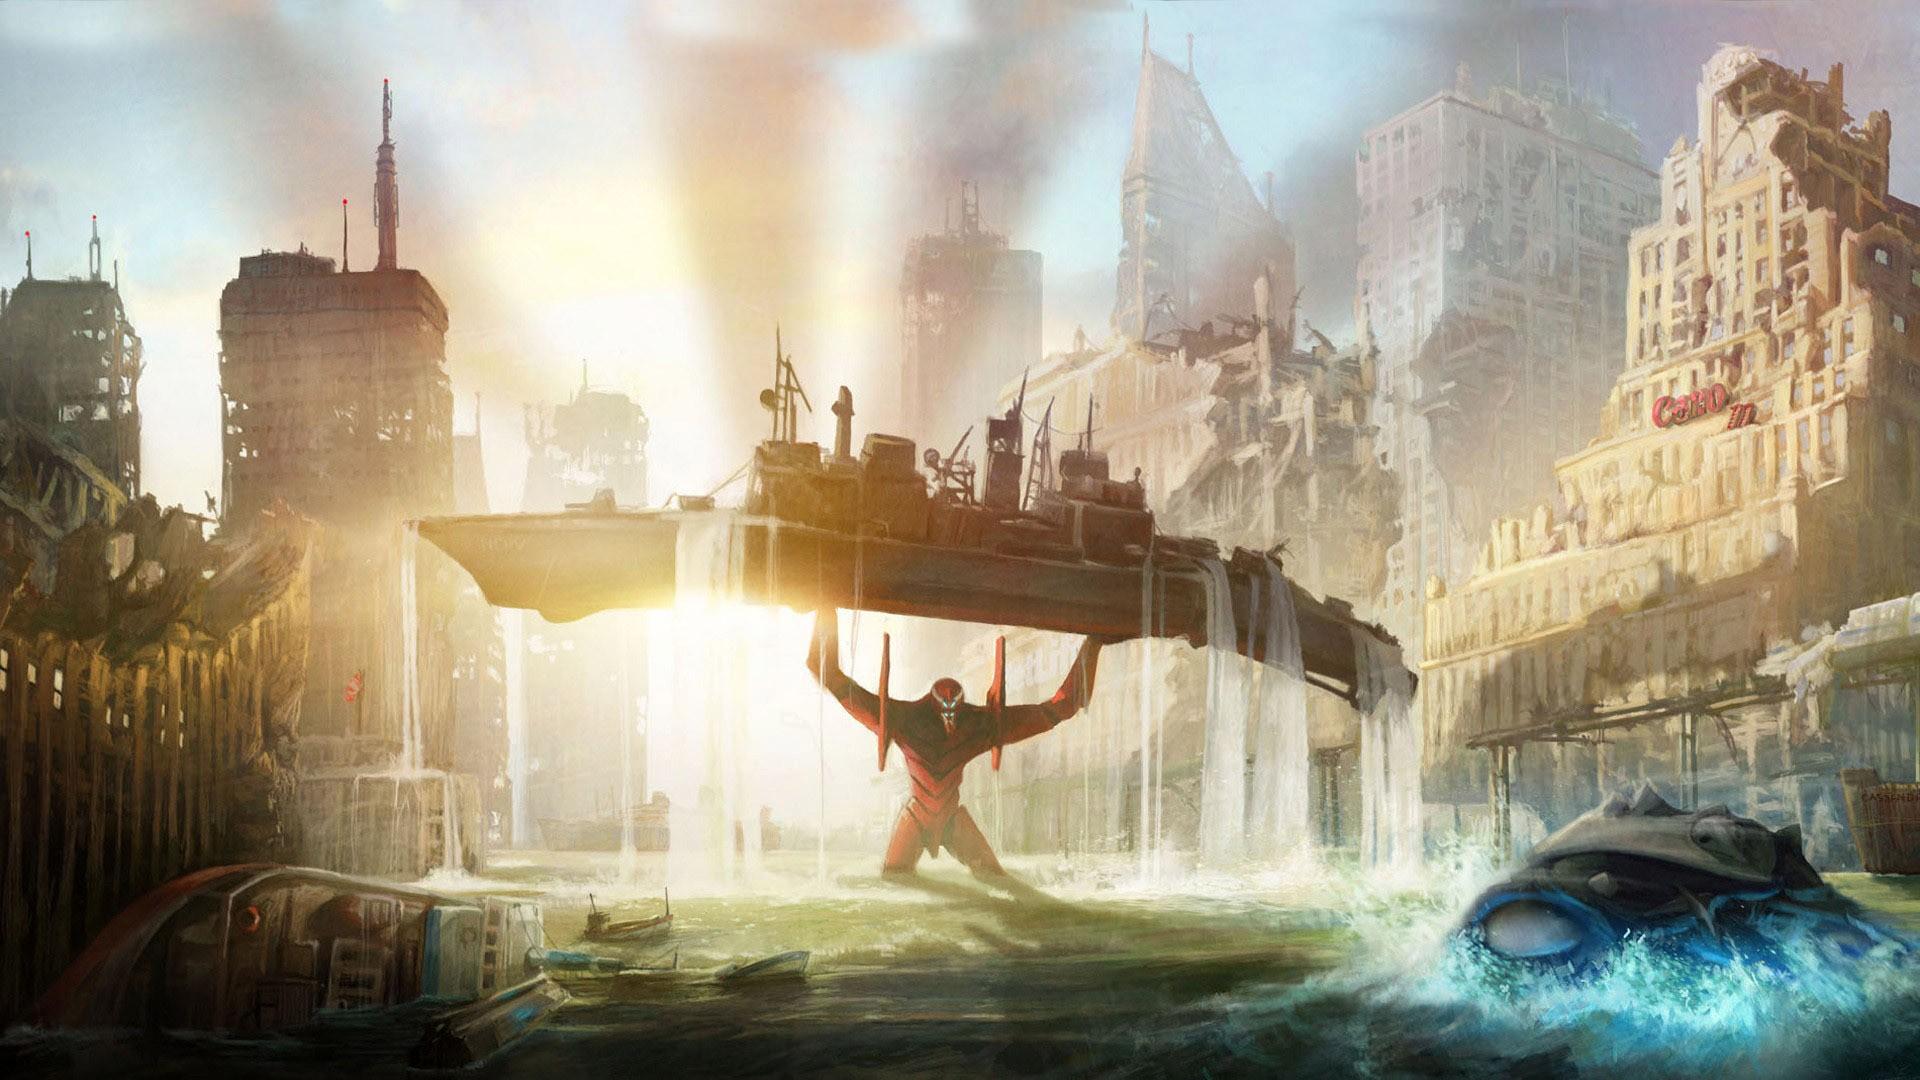 Sunlight Ship Boat City Cityscape Anime Creature Robot Water Neon Genesis Evangelion EVA Unit 02 Destruction